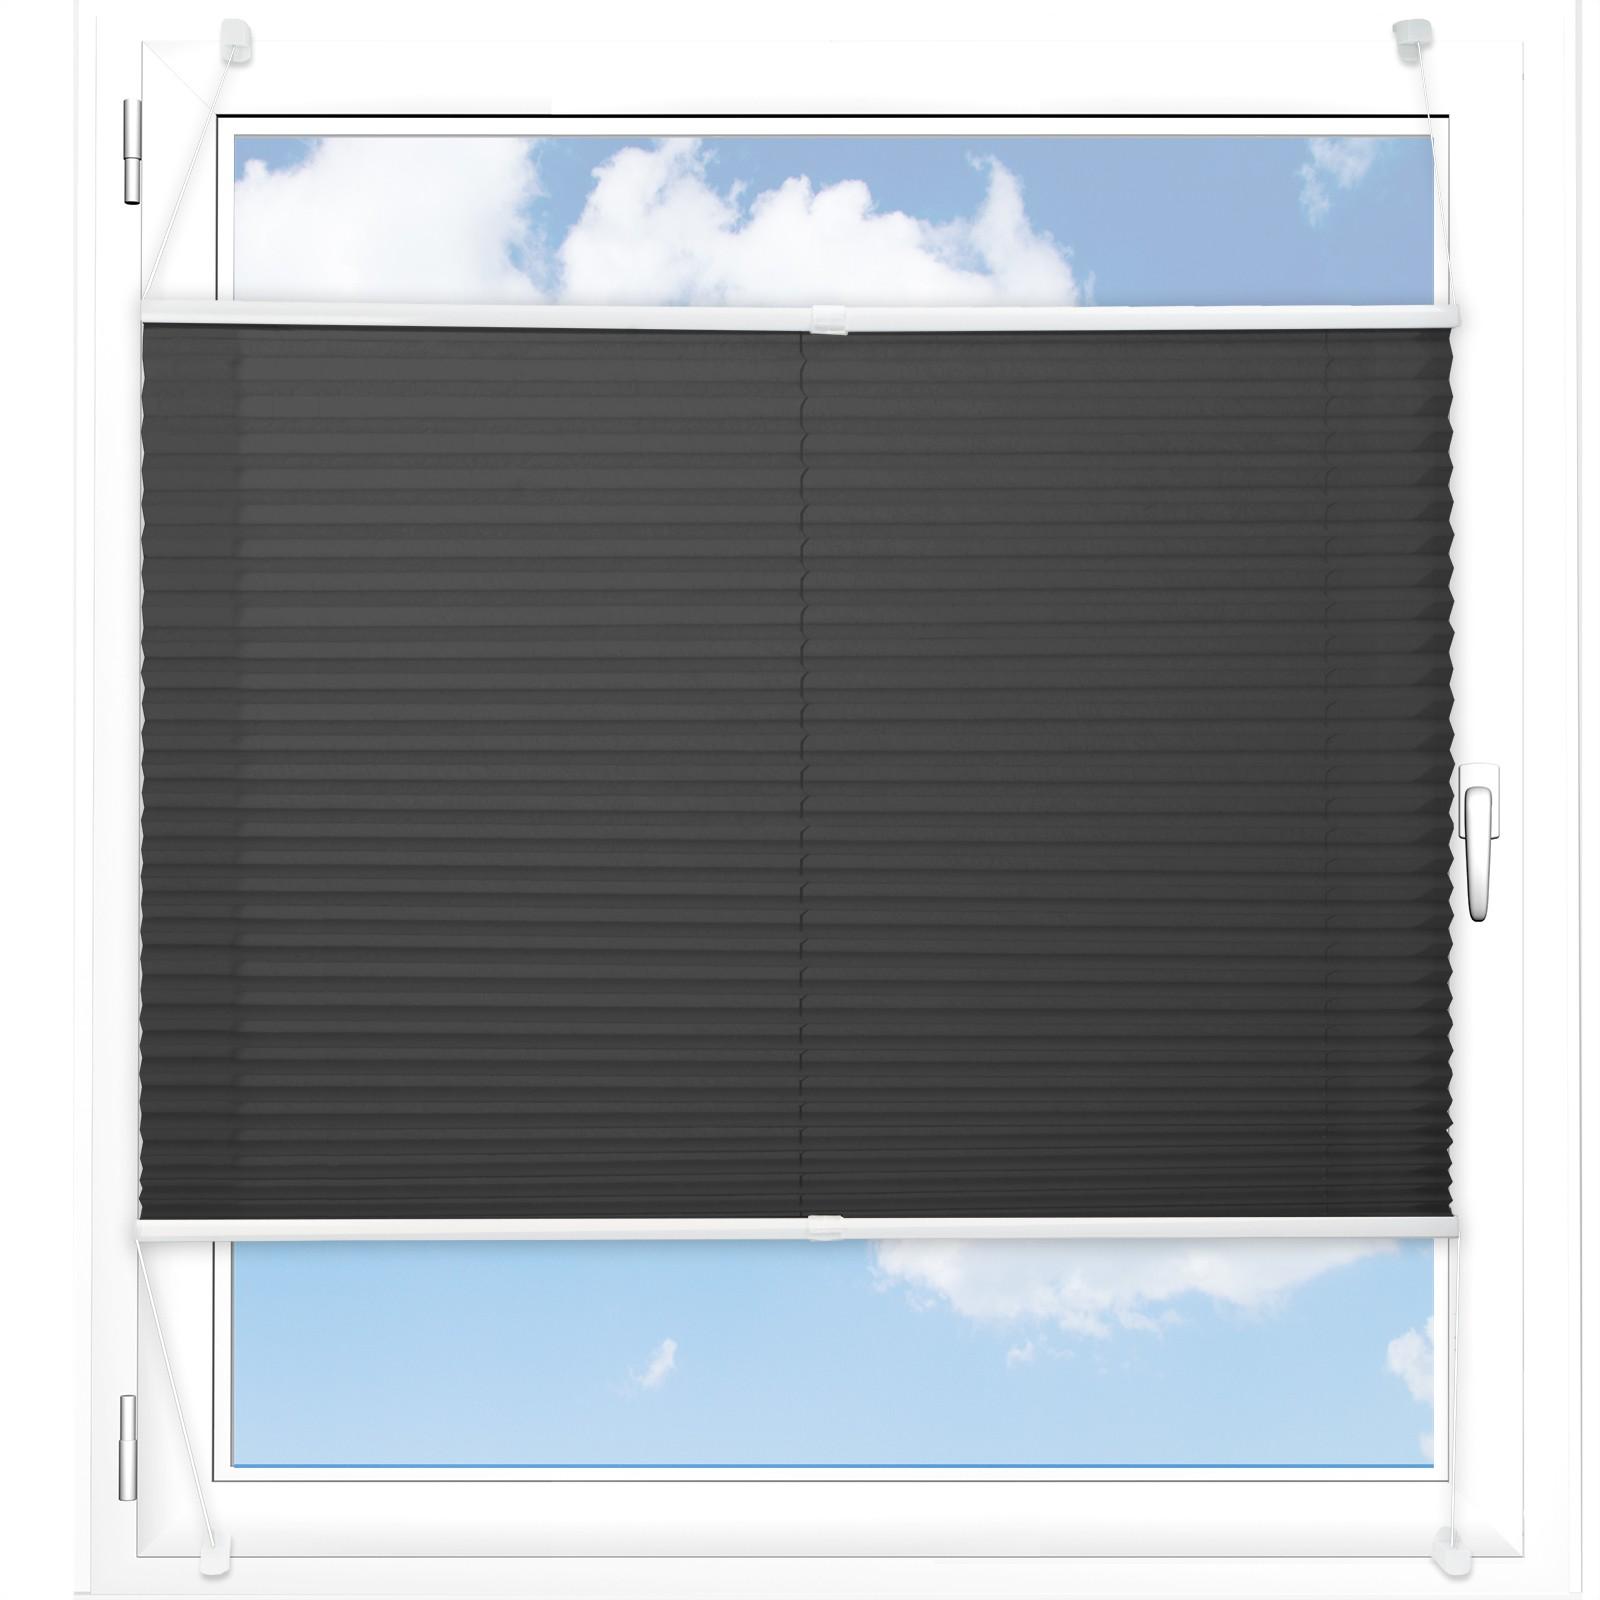 Full Size of Fenster Rollo Casa Pura Plissee Magic Viele Gren 7 Farben Daytonde Ebay Alarmanlagen Für Und Türen Runde Einbruchschutz Nachrüsten Konfigurieren Erneuern Fenster Fenster Rollo